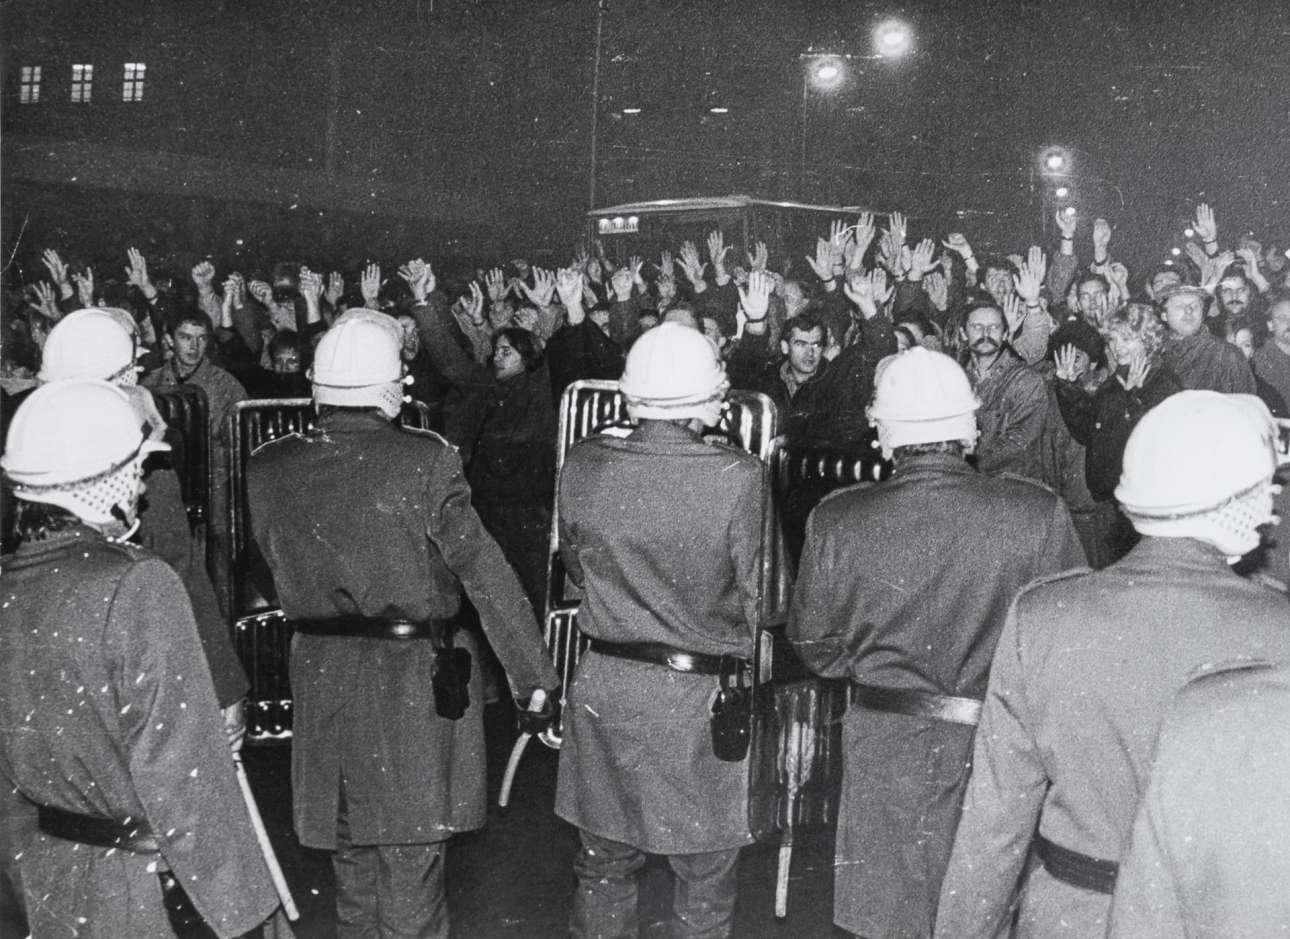 Εχει και η Πράγα τη δική της εξεγερσιακή 17η Νοεμβρίου: το στιγμιότυπο είναι από τη φοιτητική διαδήλωση η οποία κατέληξε σε σύγκρουση με τις αστυνομικές δυνάμεις και πυροδότησε τη «βελούδινη επανάσταση»